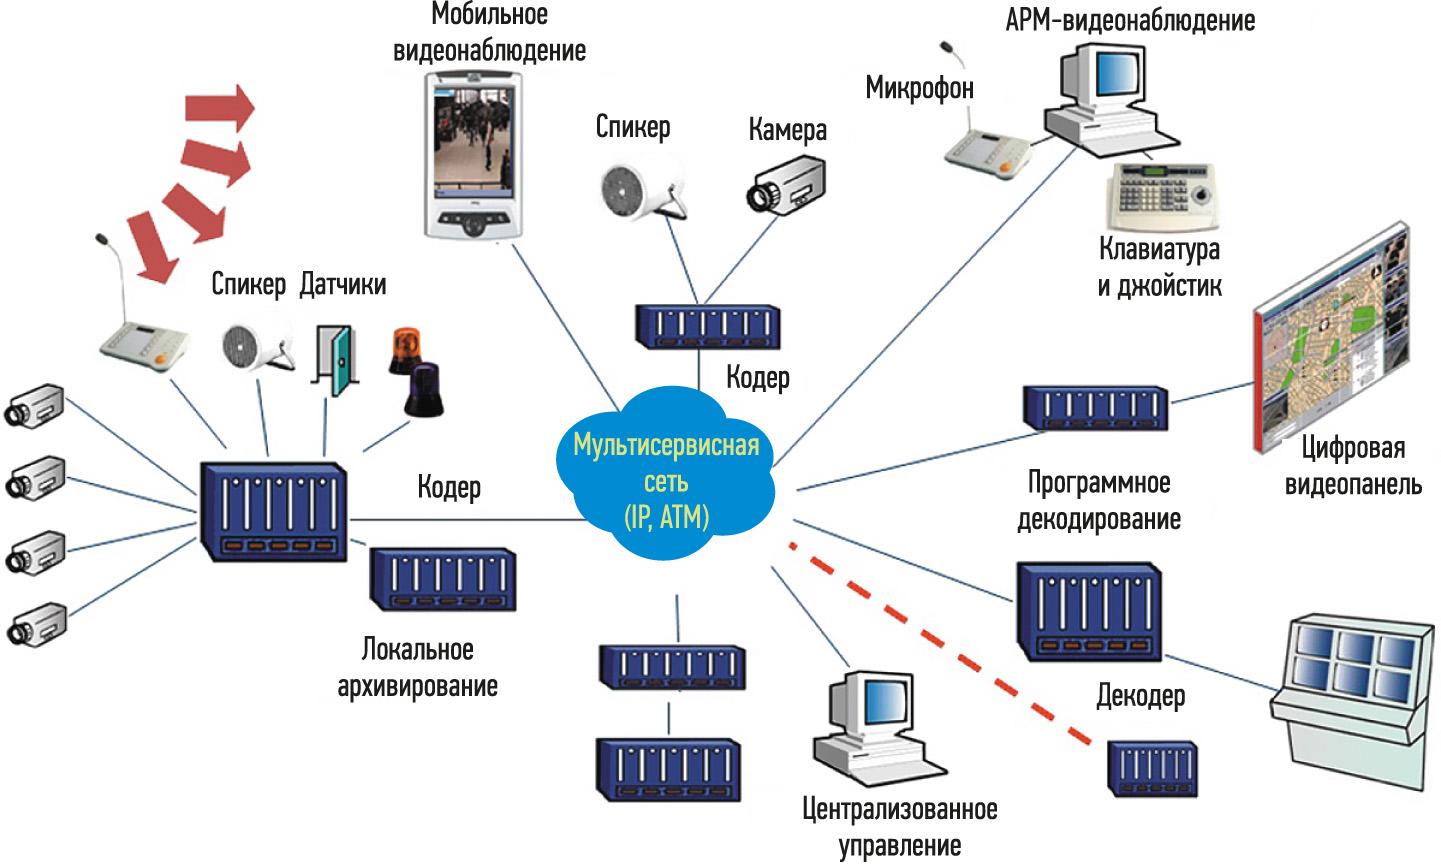 интеллектуальная система видеонаблюдения